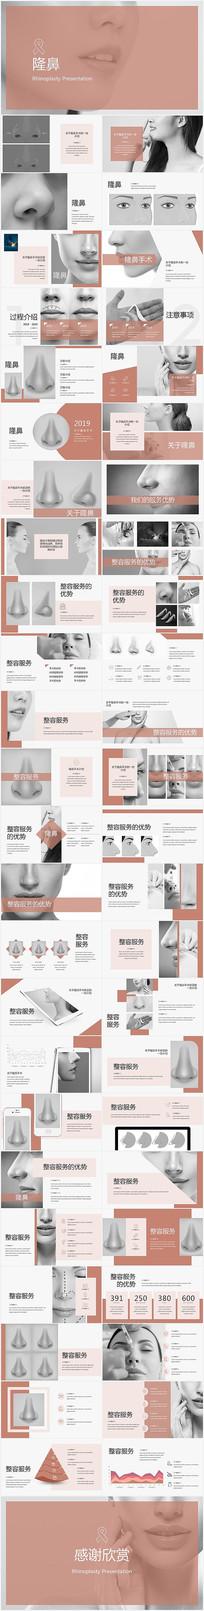 微整形—隆鼻医疗美容ppt模版